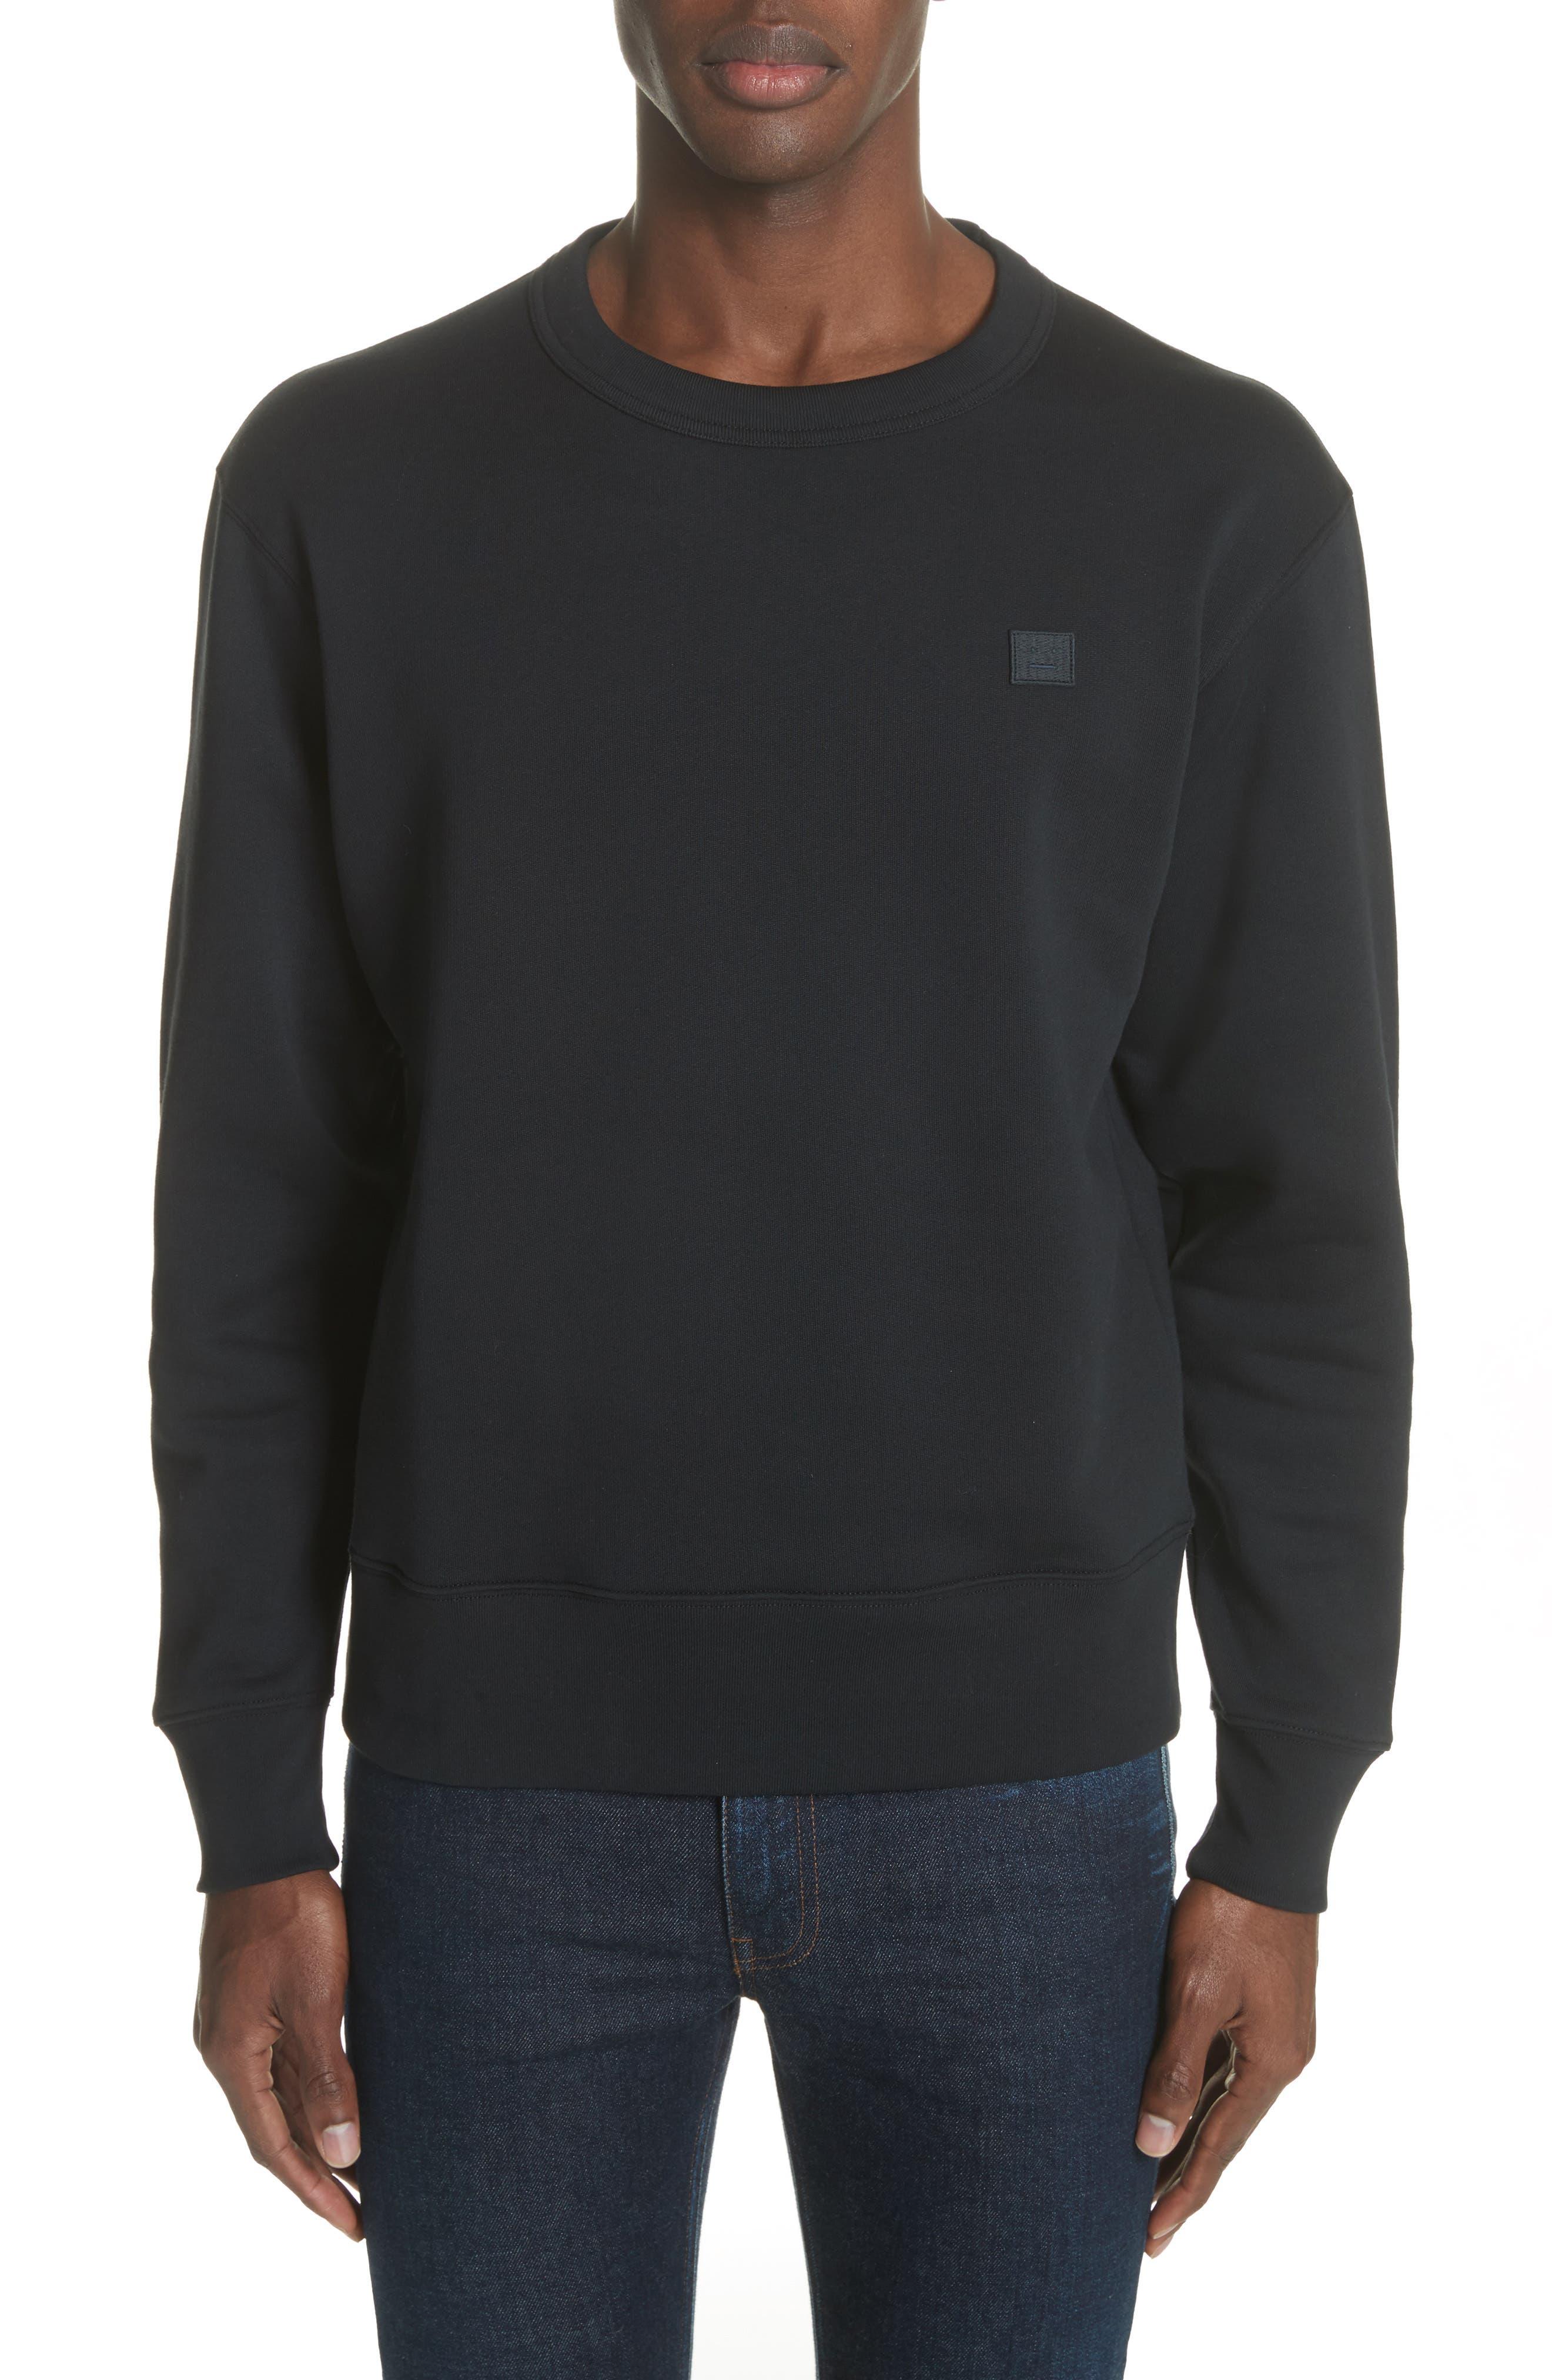 Fairview Face Crewneck Sweatshirt,                         Main,                         color, Black